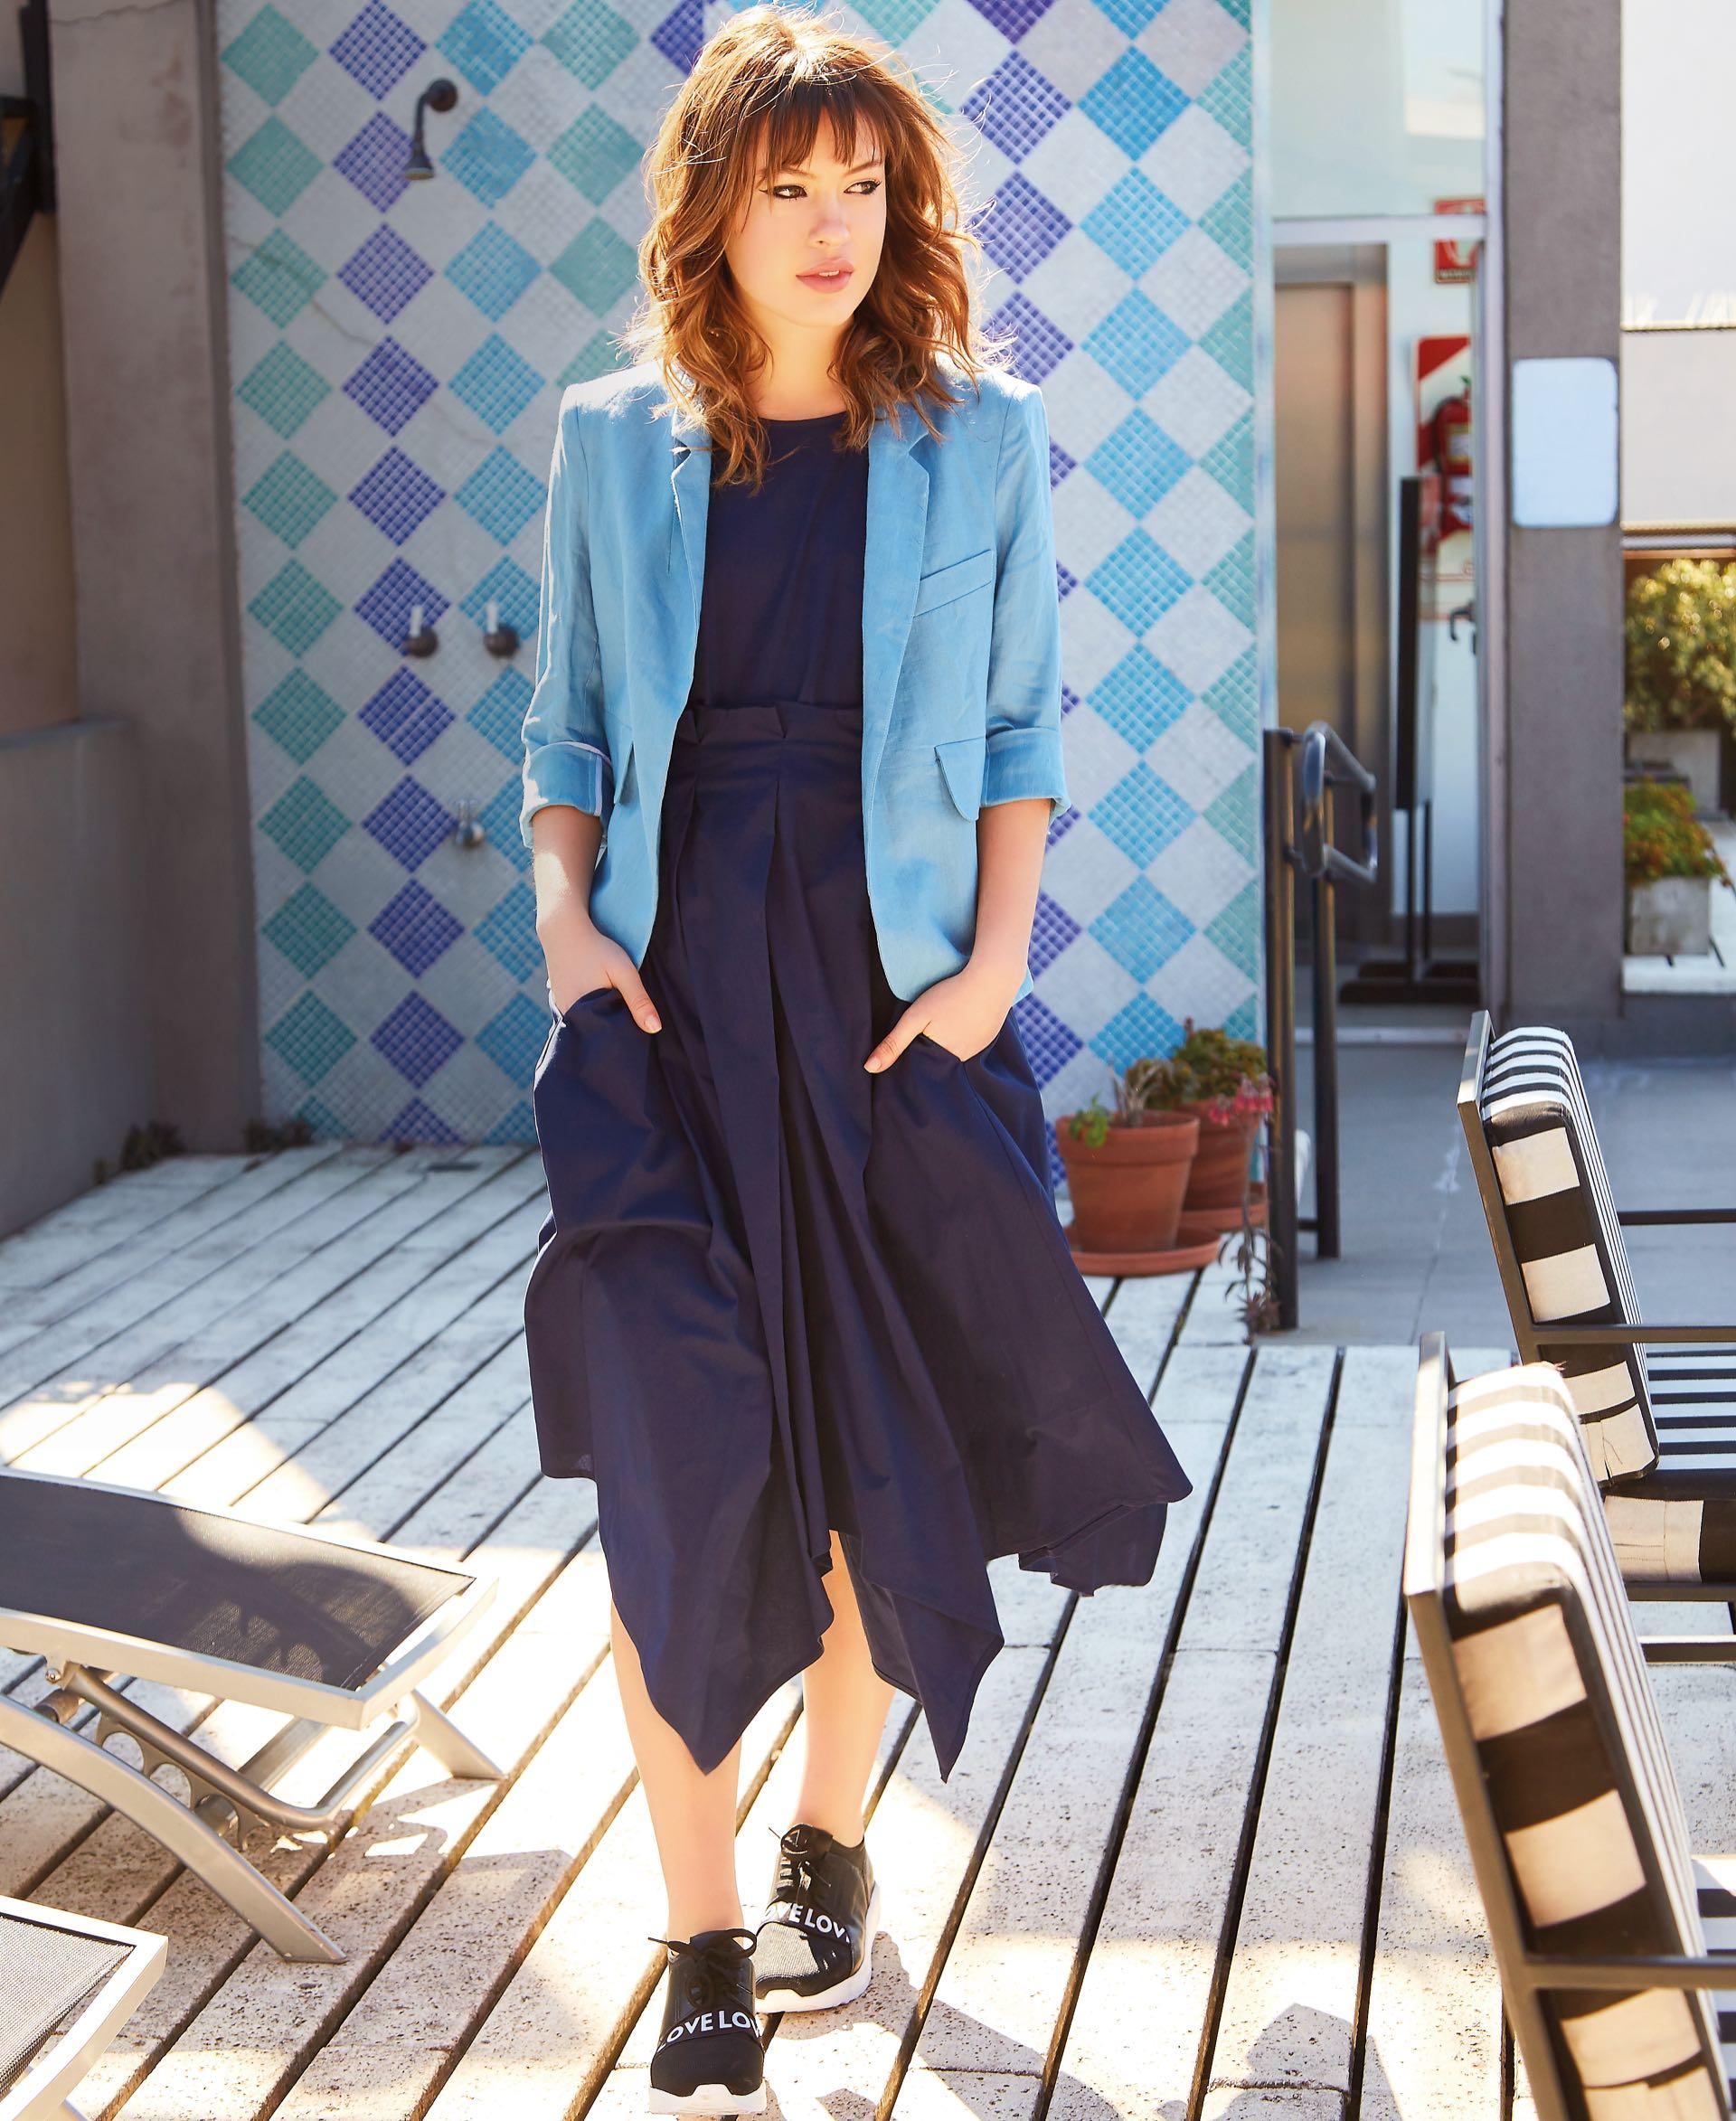 Vestido de gabardina con tablones y bolsillos en la falda (FP), blazer de lino ($ 5.200, Clara Ibarguren) y zapatillas sin cordones ($ 2.490, Viamo).